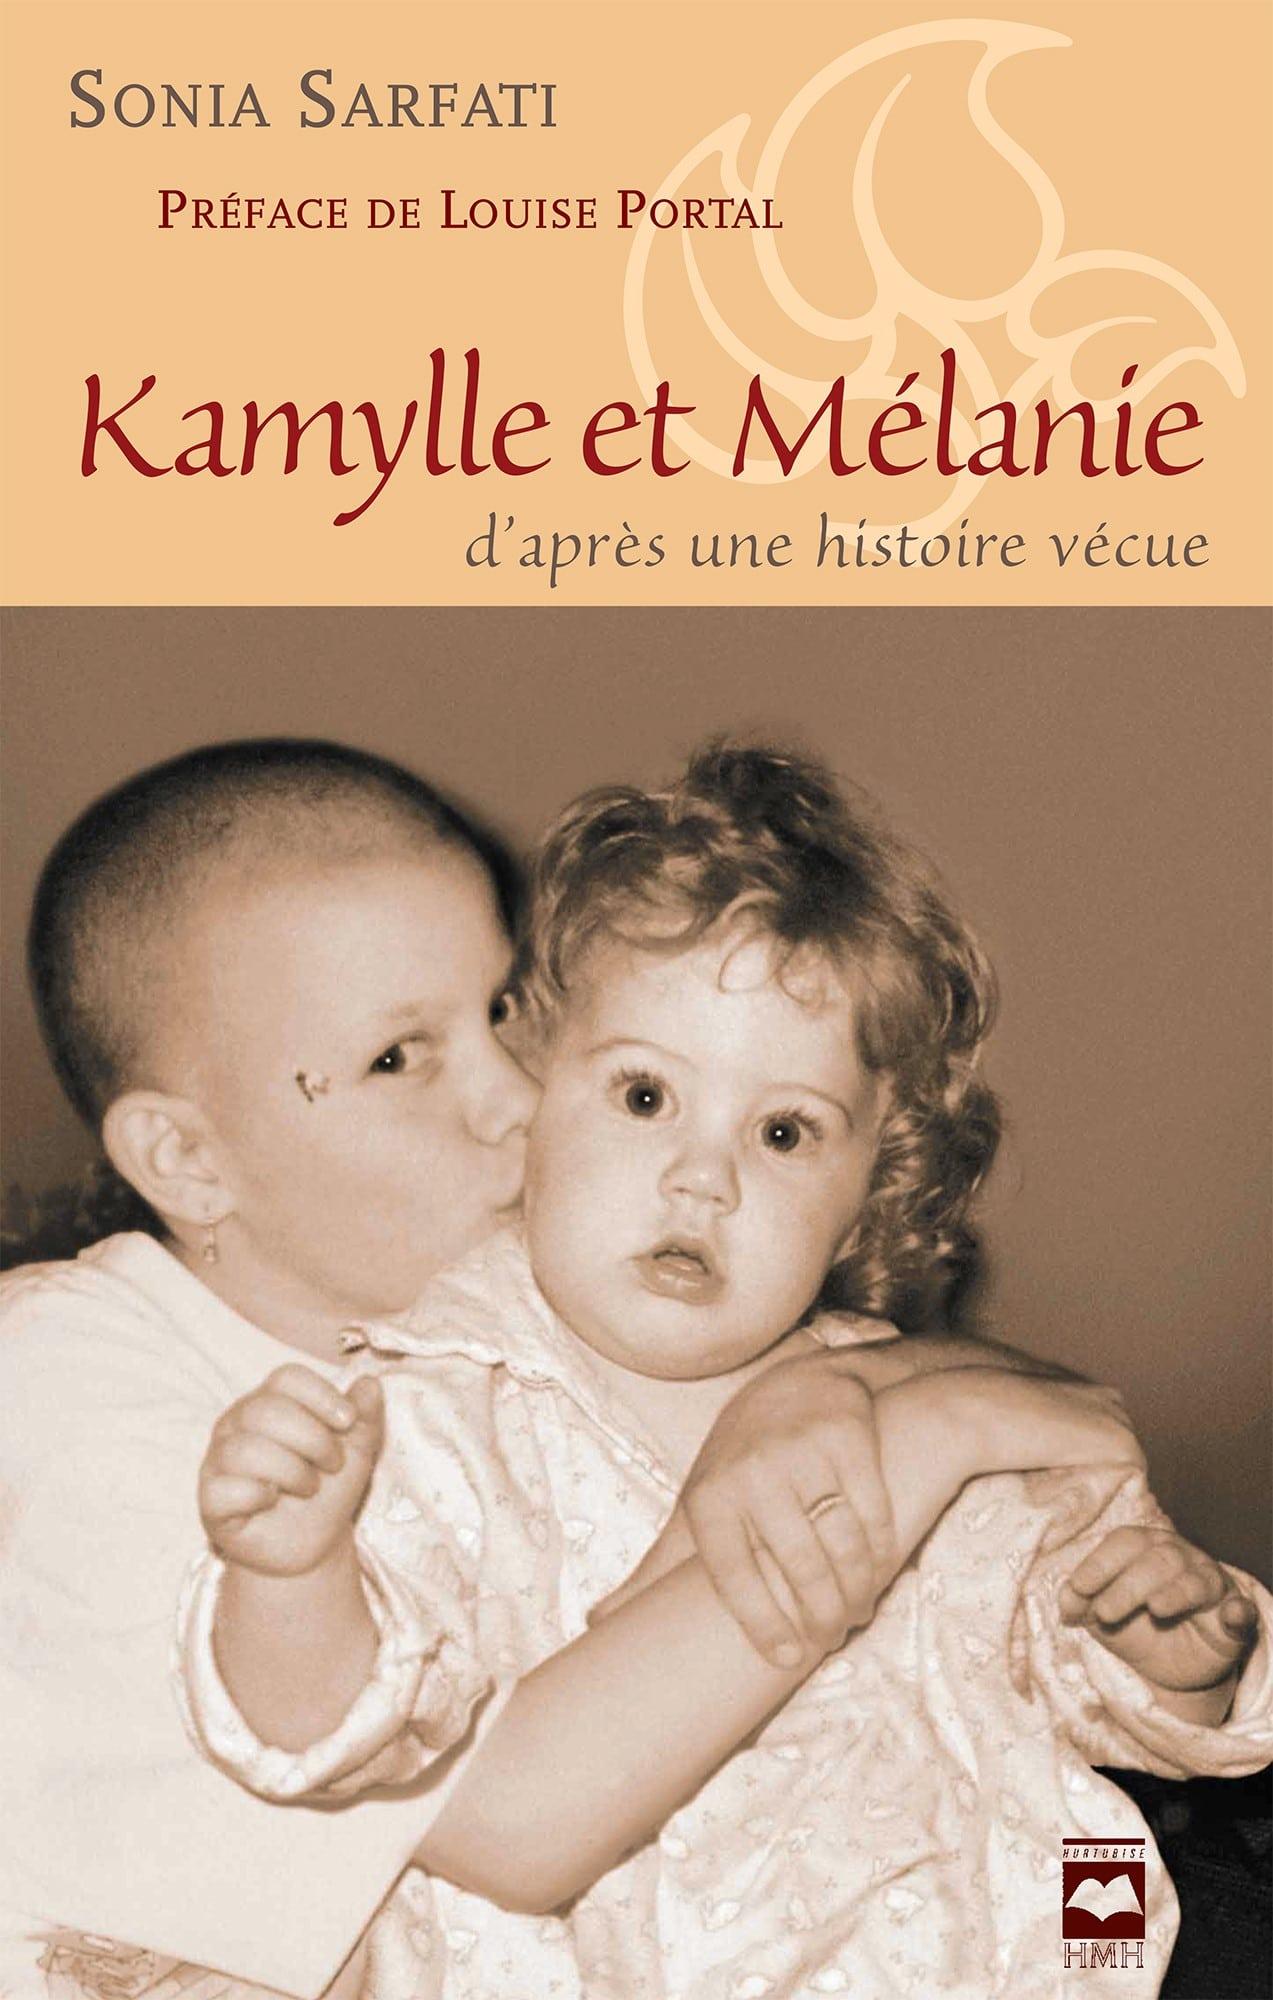 Kamylle et Mélanie - D'après une histoire vécue